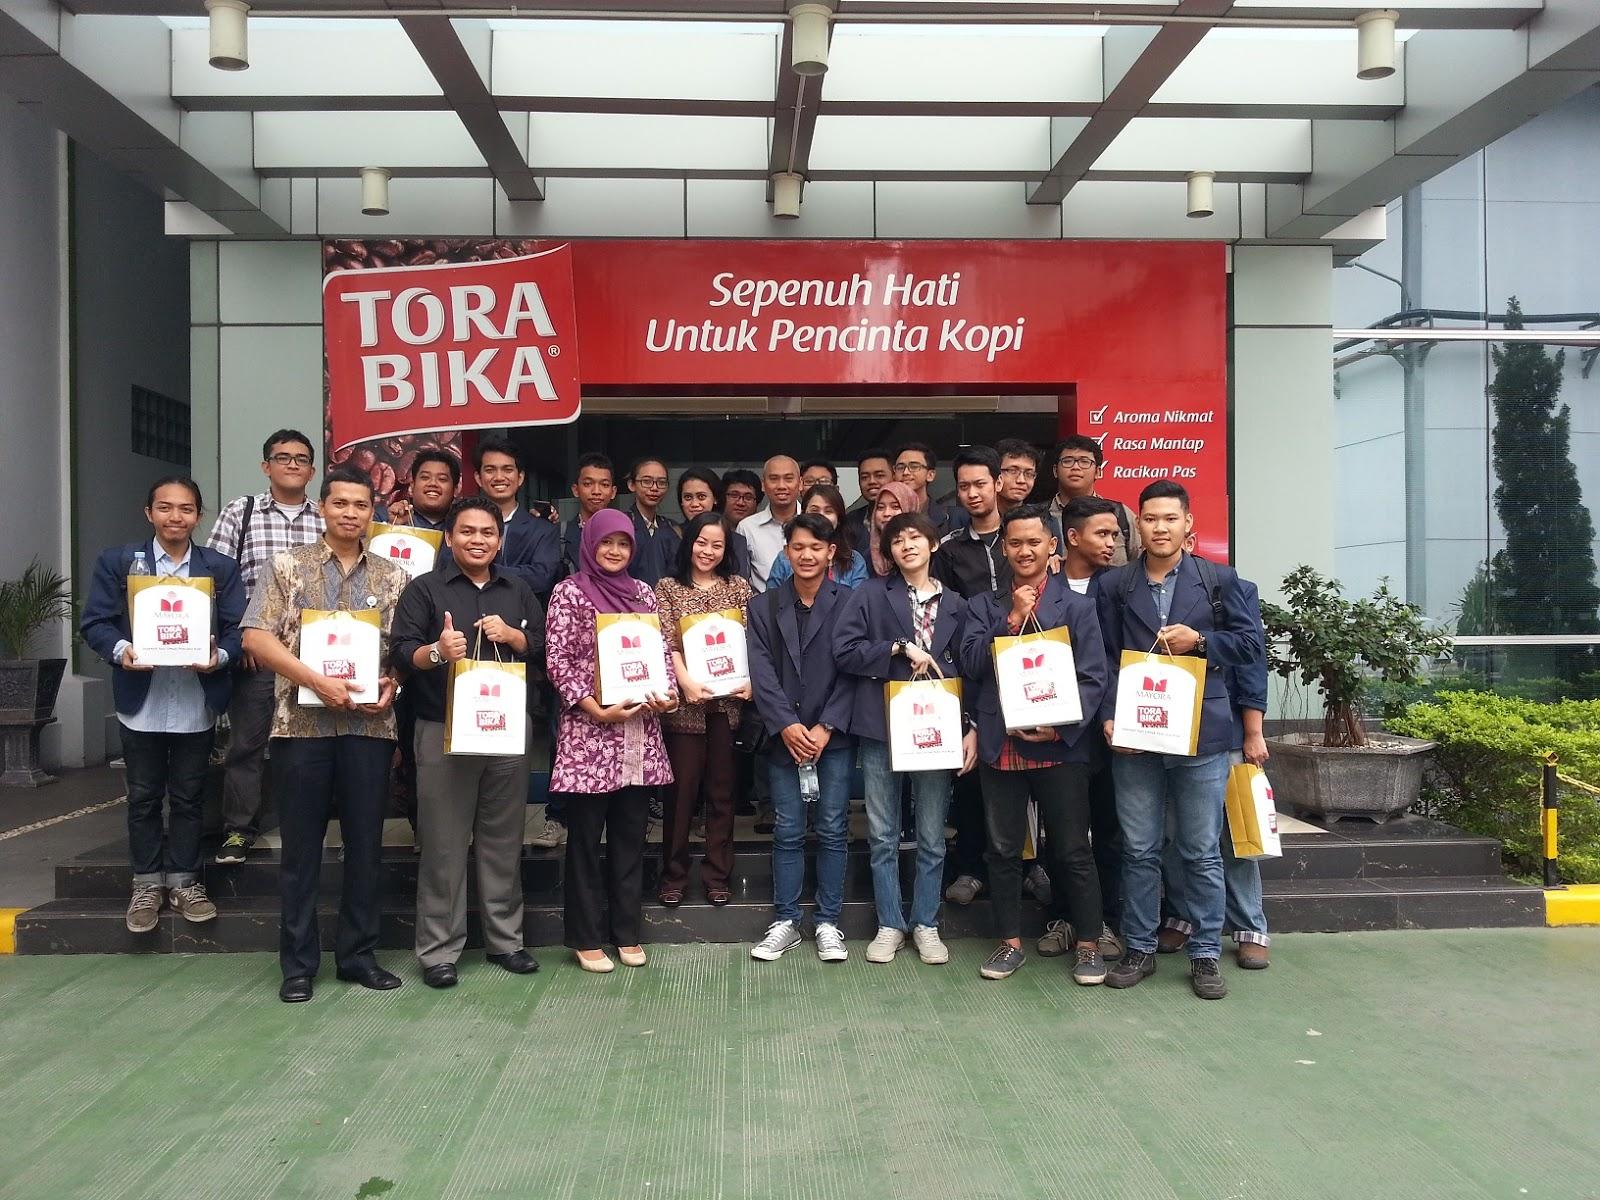 Lowongan Kerja Cikupa Tangerang PT TORABIKA EKASEMESTA